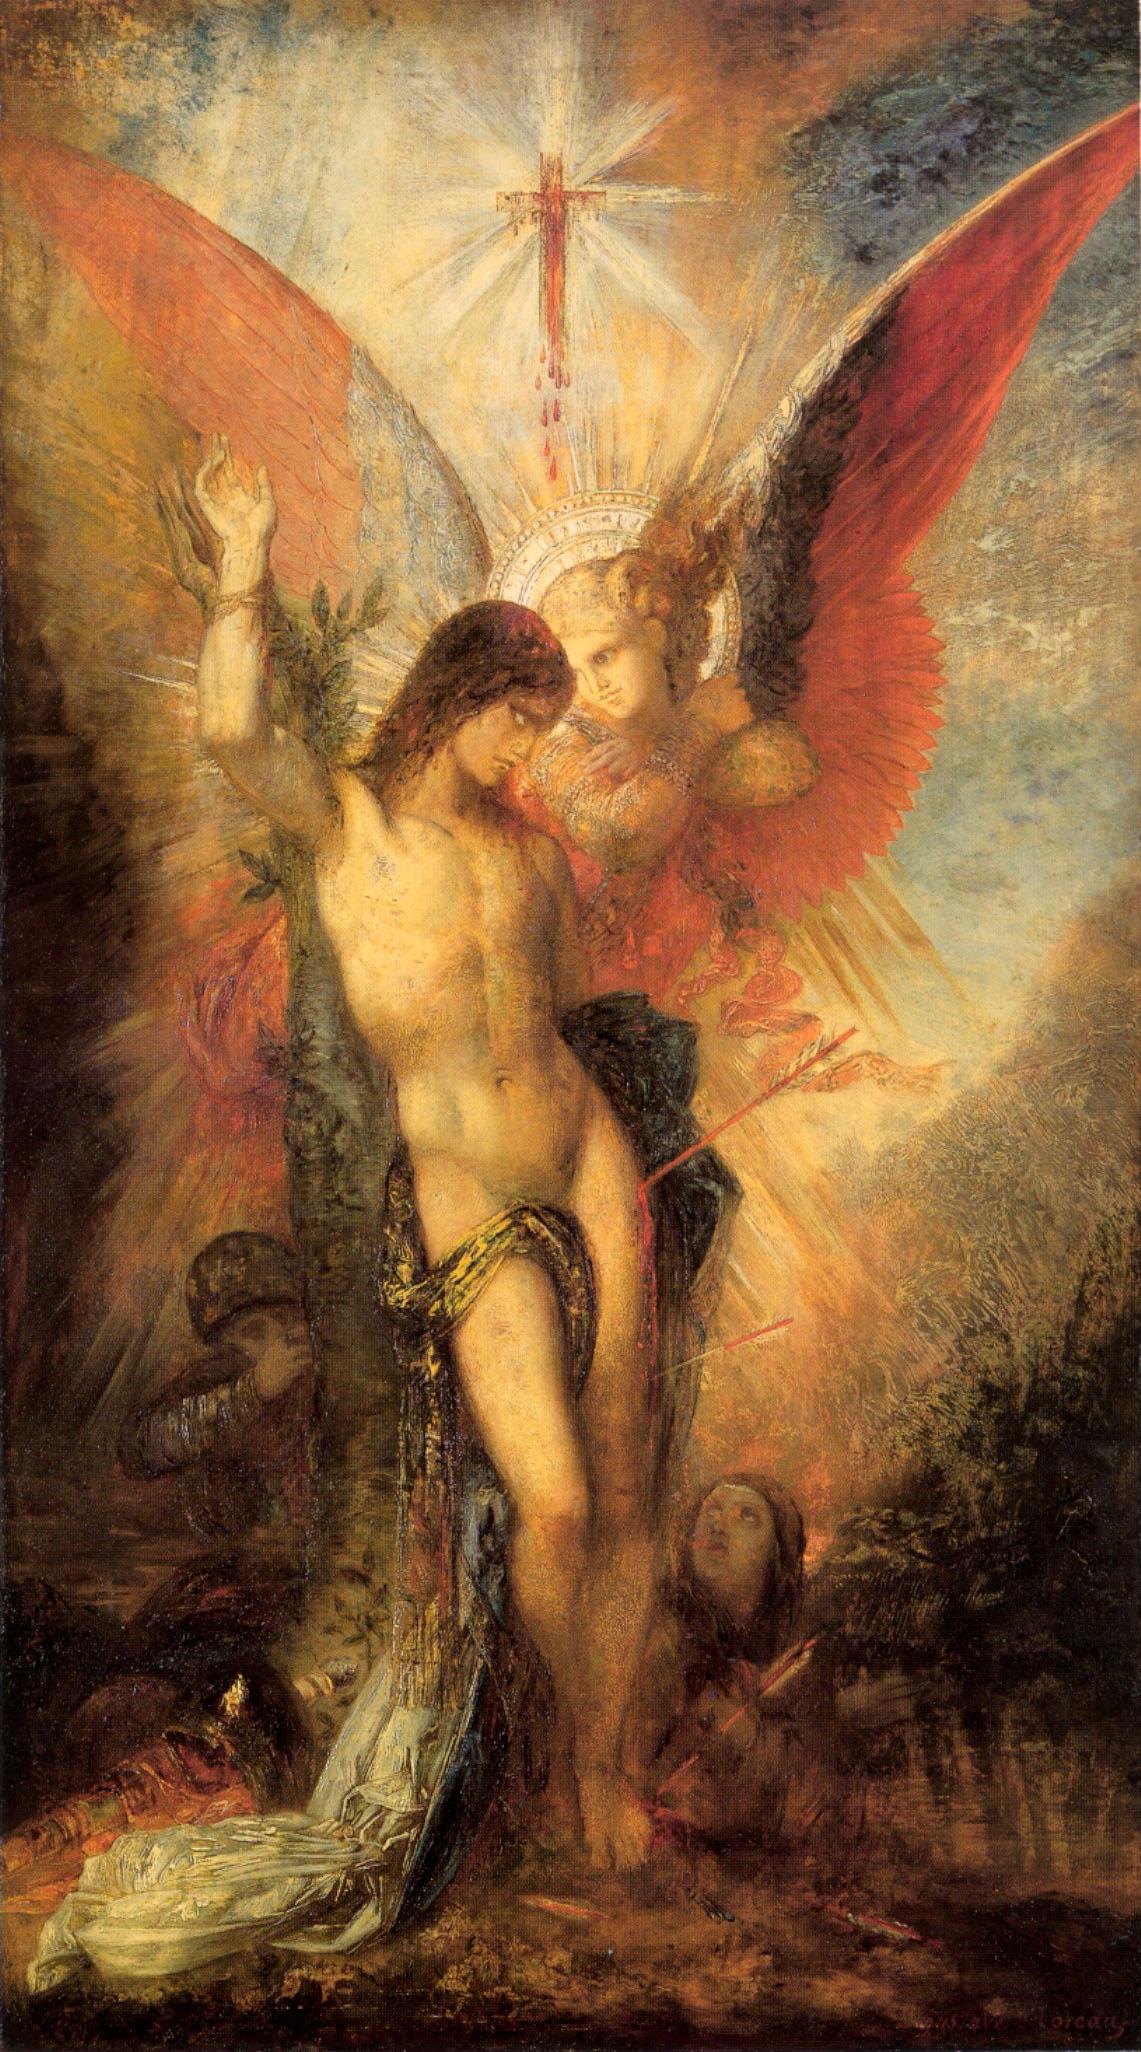 1876_Святой Себастьян и ангел (38.7 х 67.8 см) (Кембридж, Гарвардский ун-т, музей Фогга)